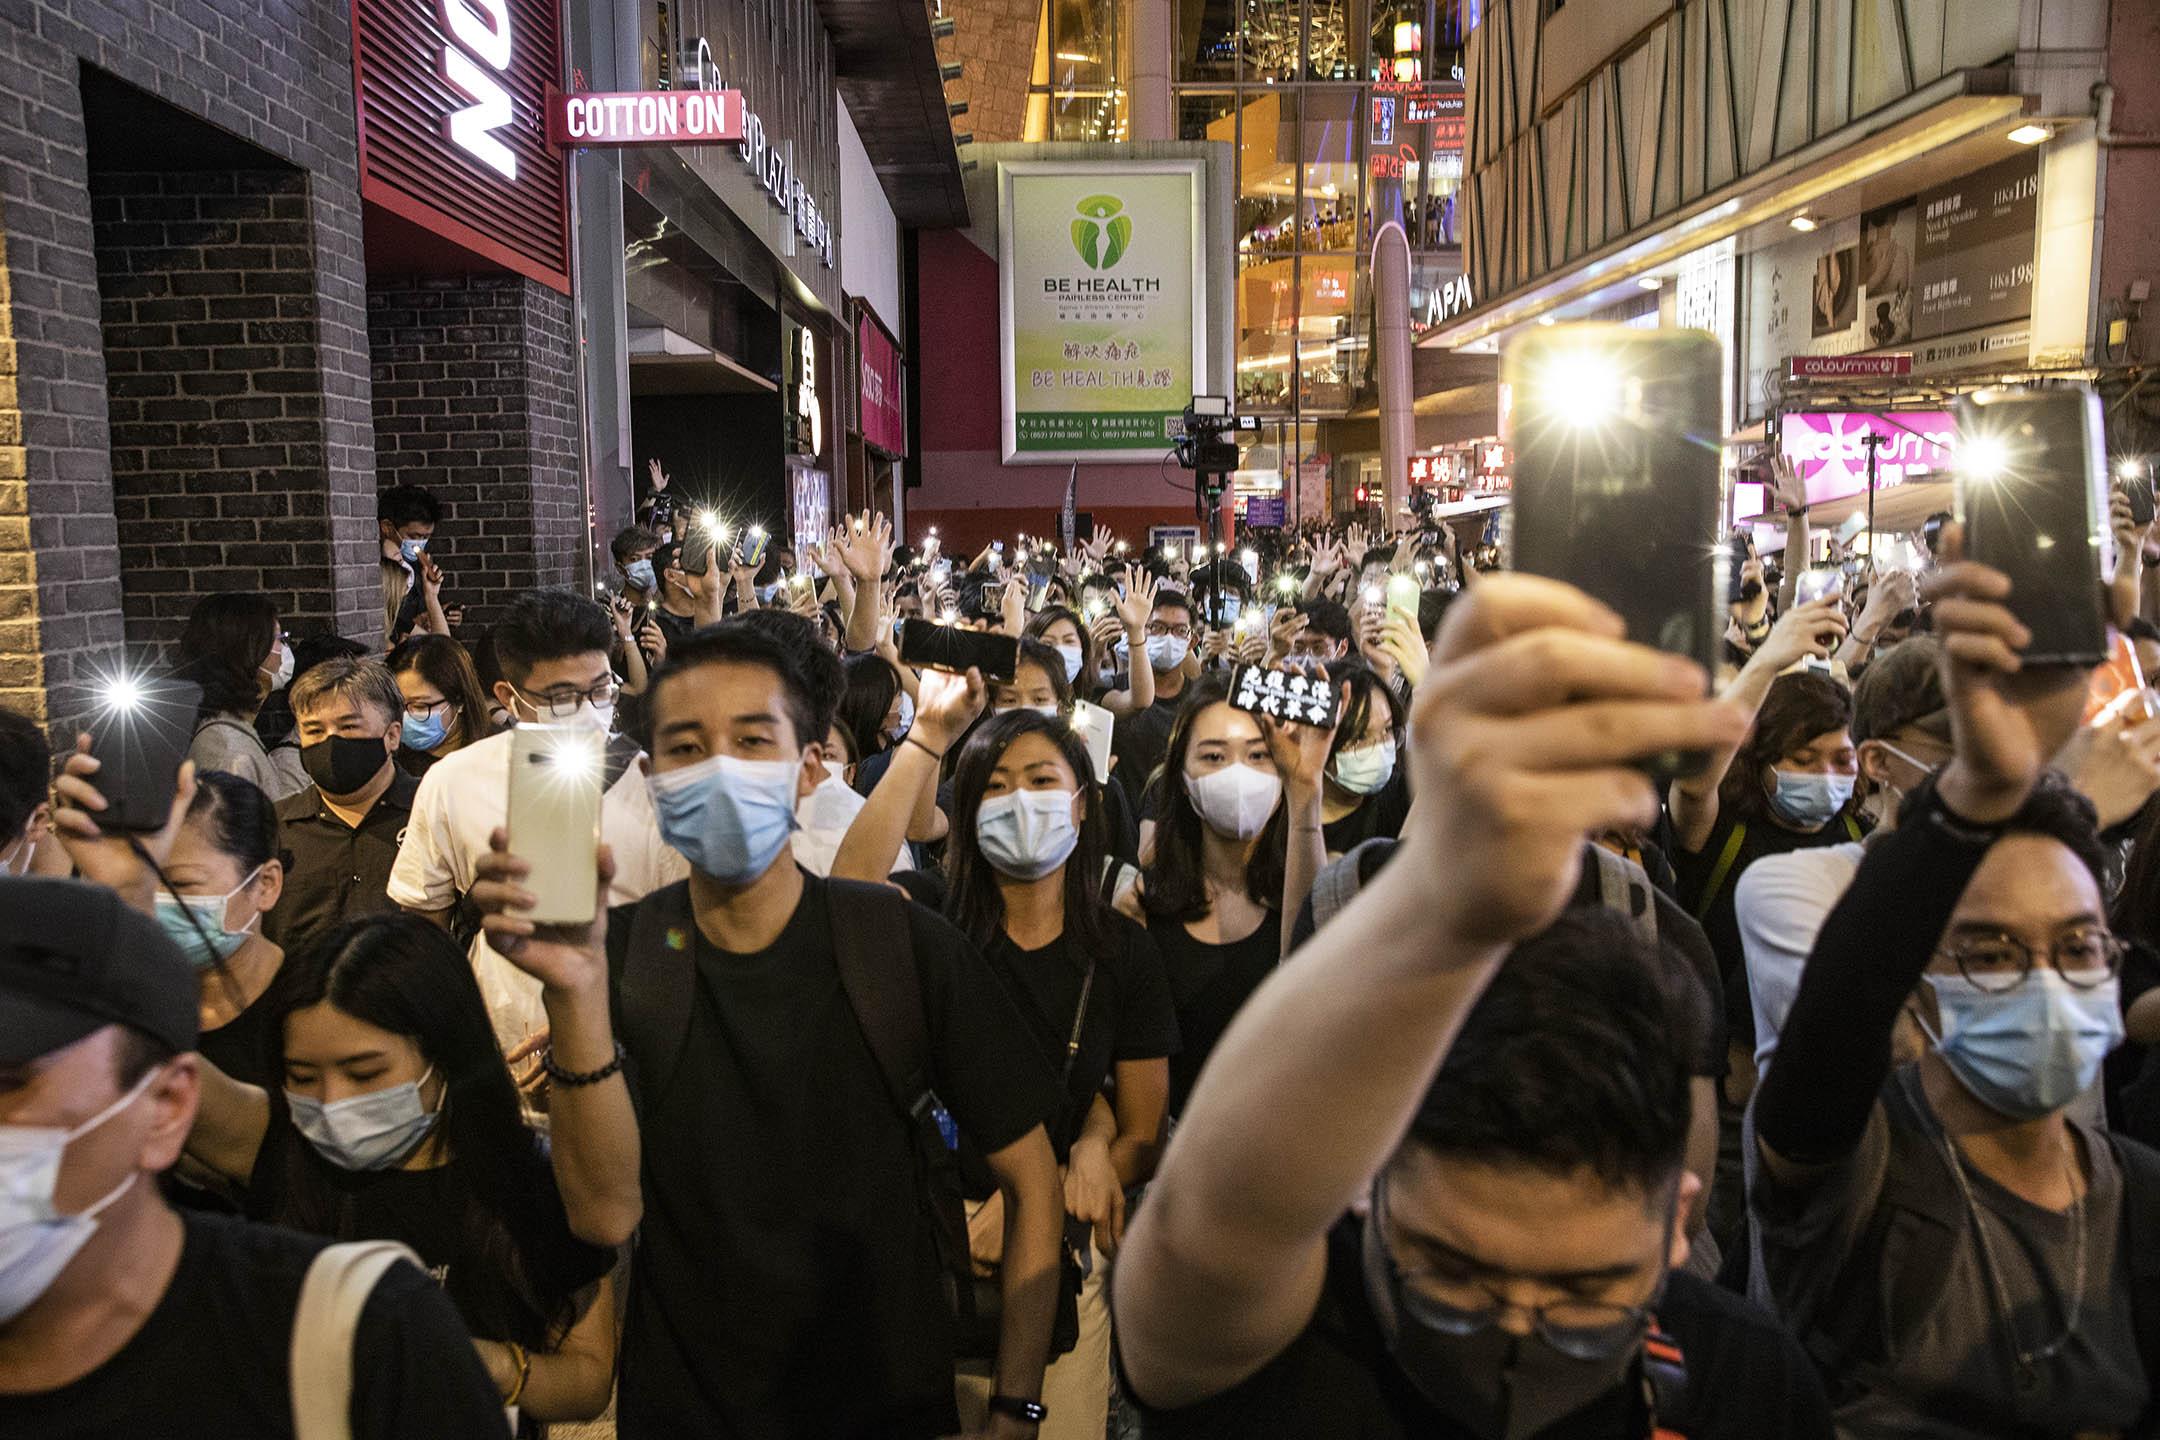 2020年6月12日香港,市民在旺角街頭高唱《願榮光歸香港》,紀念一年前612的抗爭。